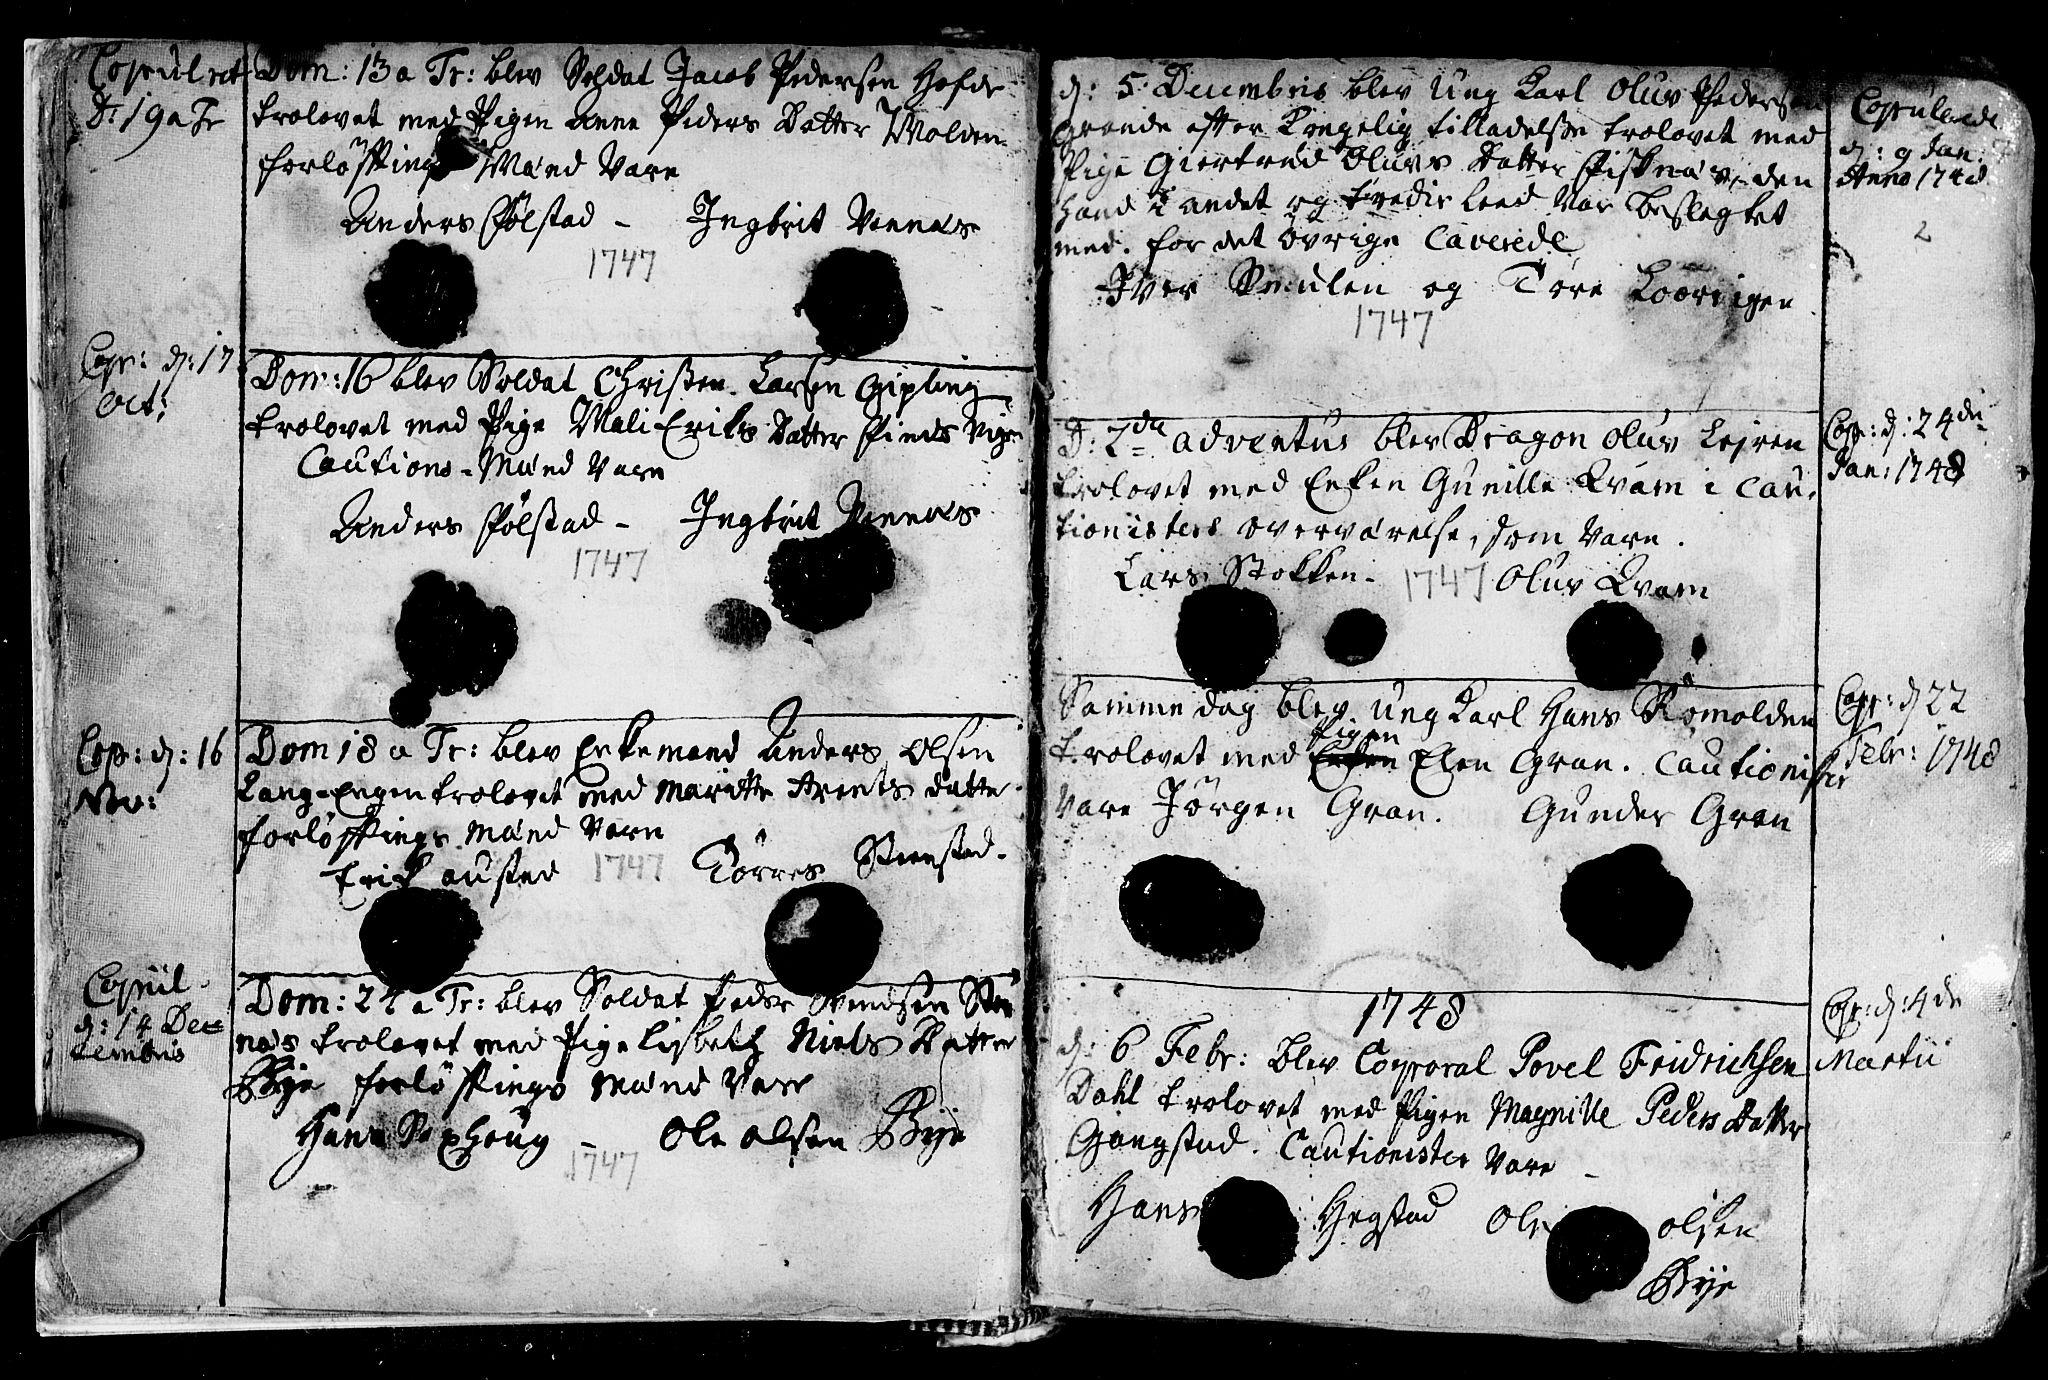 SAT, Ministerialprotokoller, klokkerbøker og fødselsregistre - Nord-Trøndelag, 730/L0272: Ministerialbok nr. 730A01, 1733-1764, s. 7